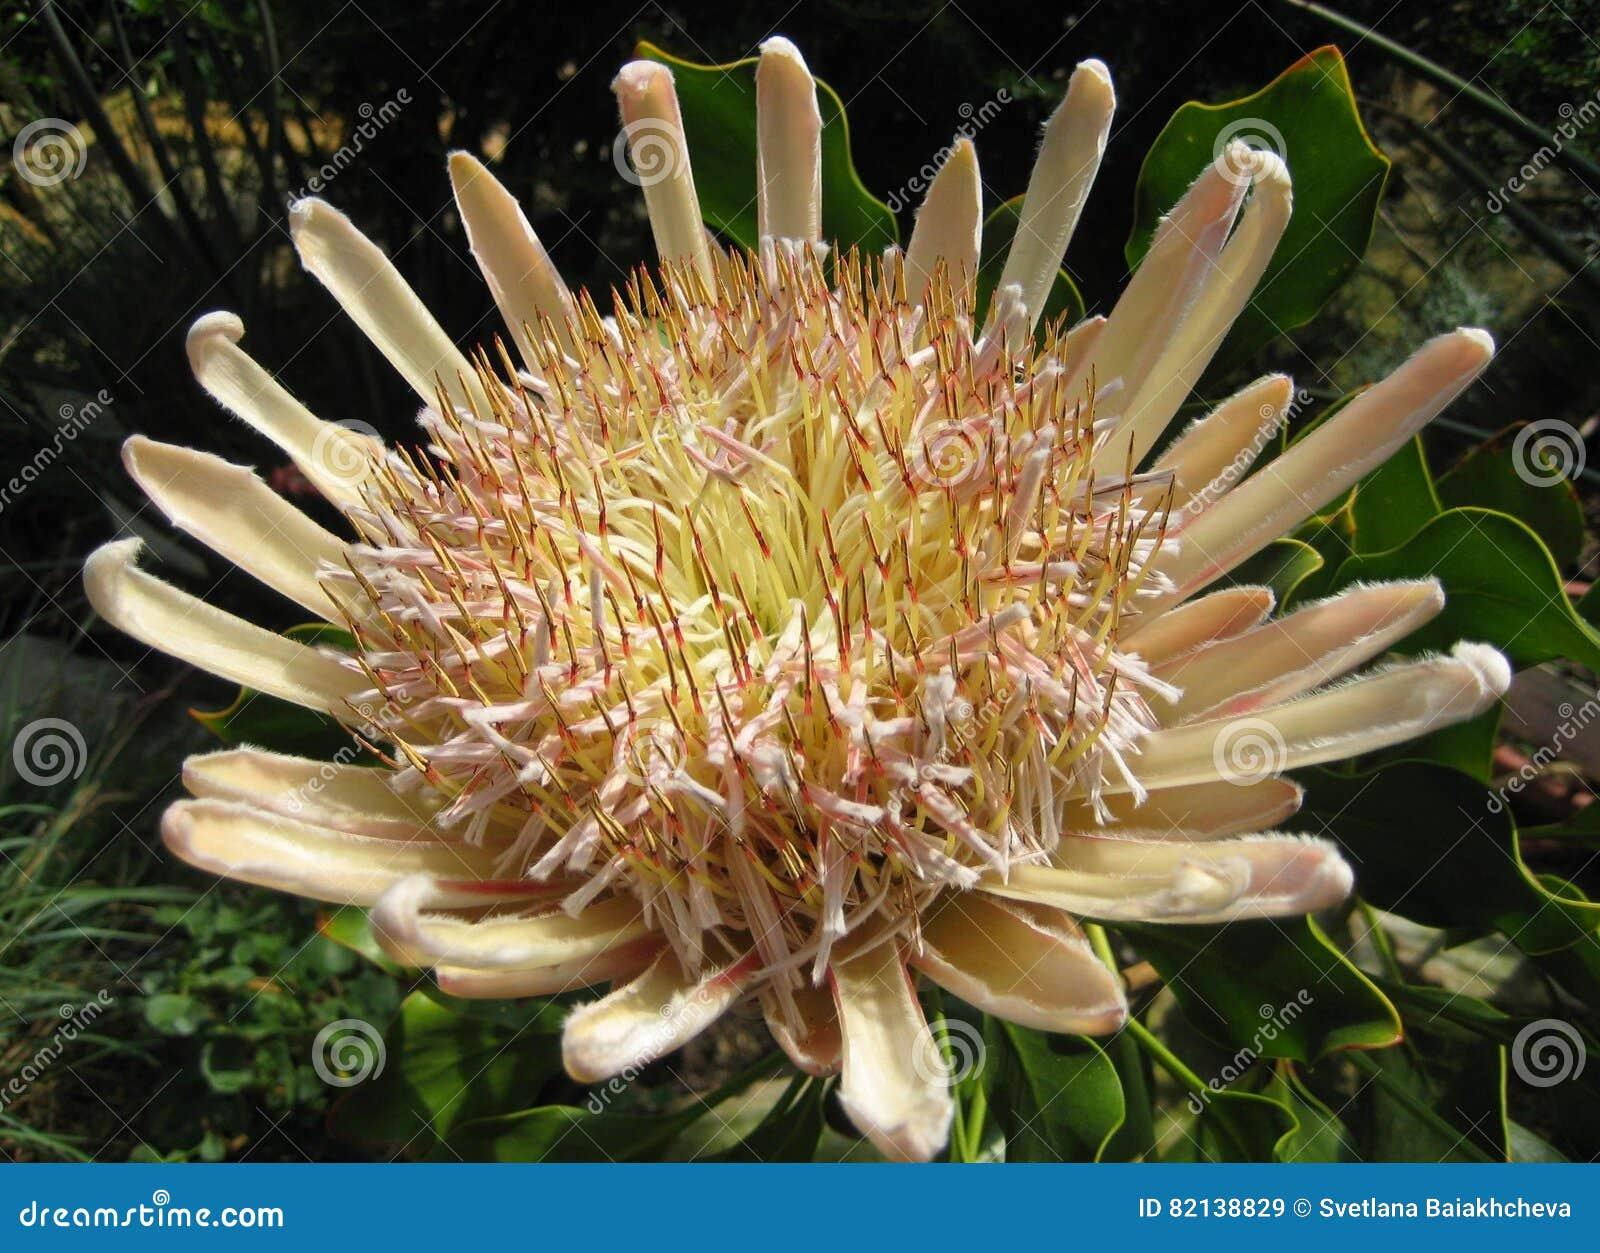 Фото уникально цветка в природе - cynaroides макроса Protea короля Proteas, национальный символ Южной Африки